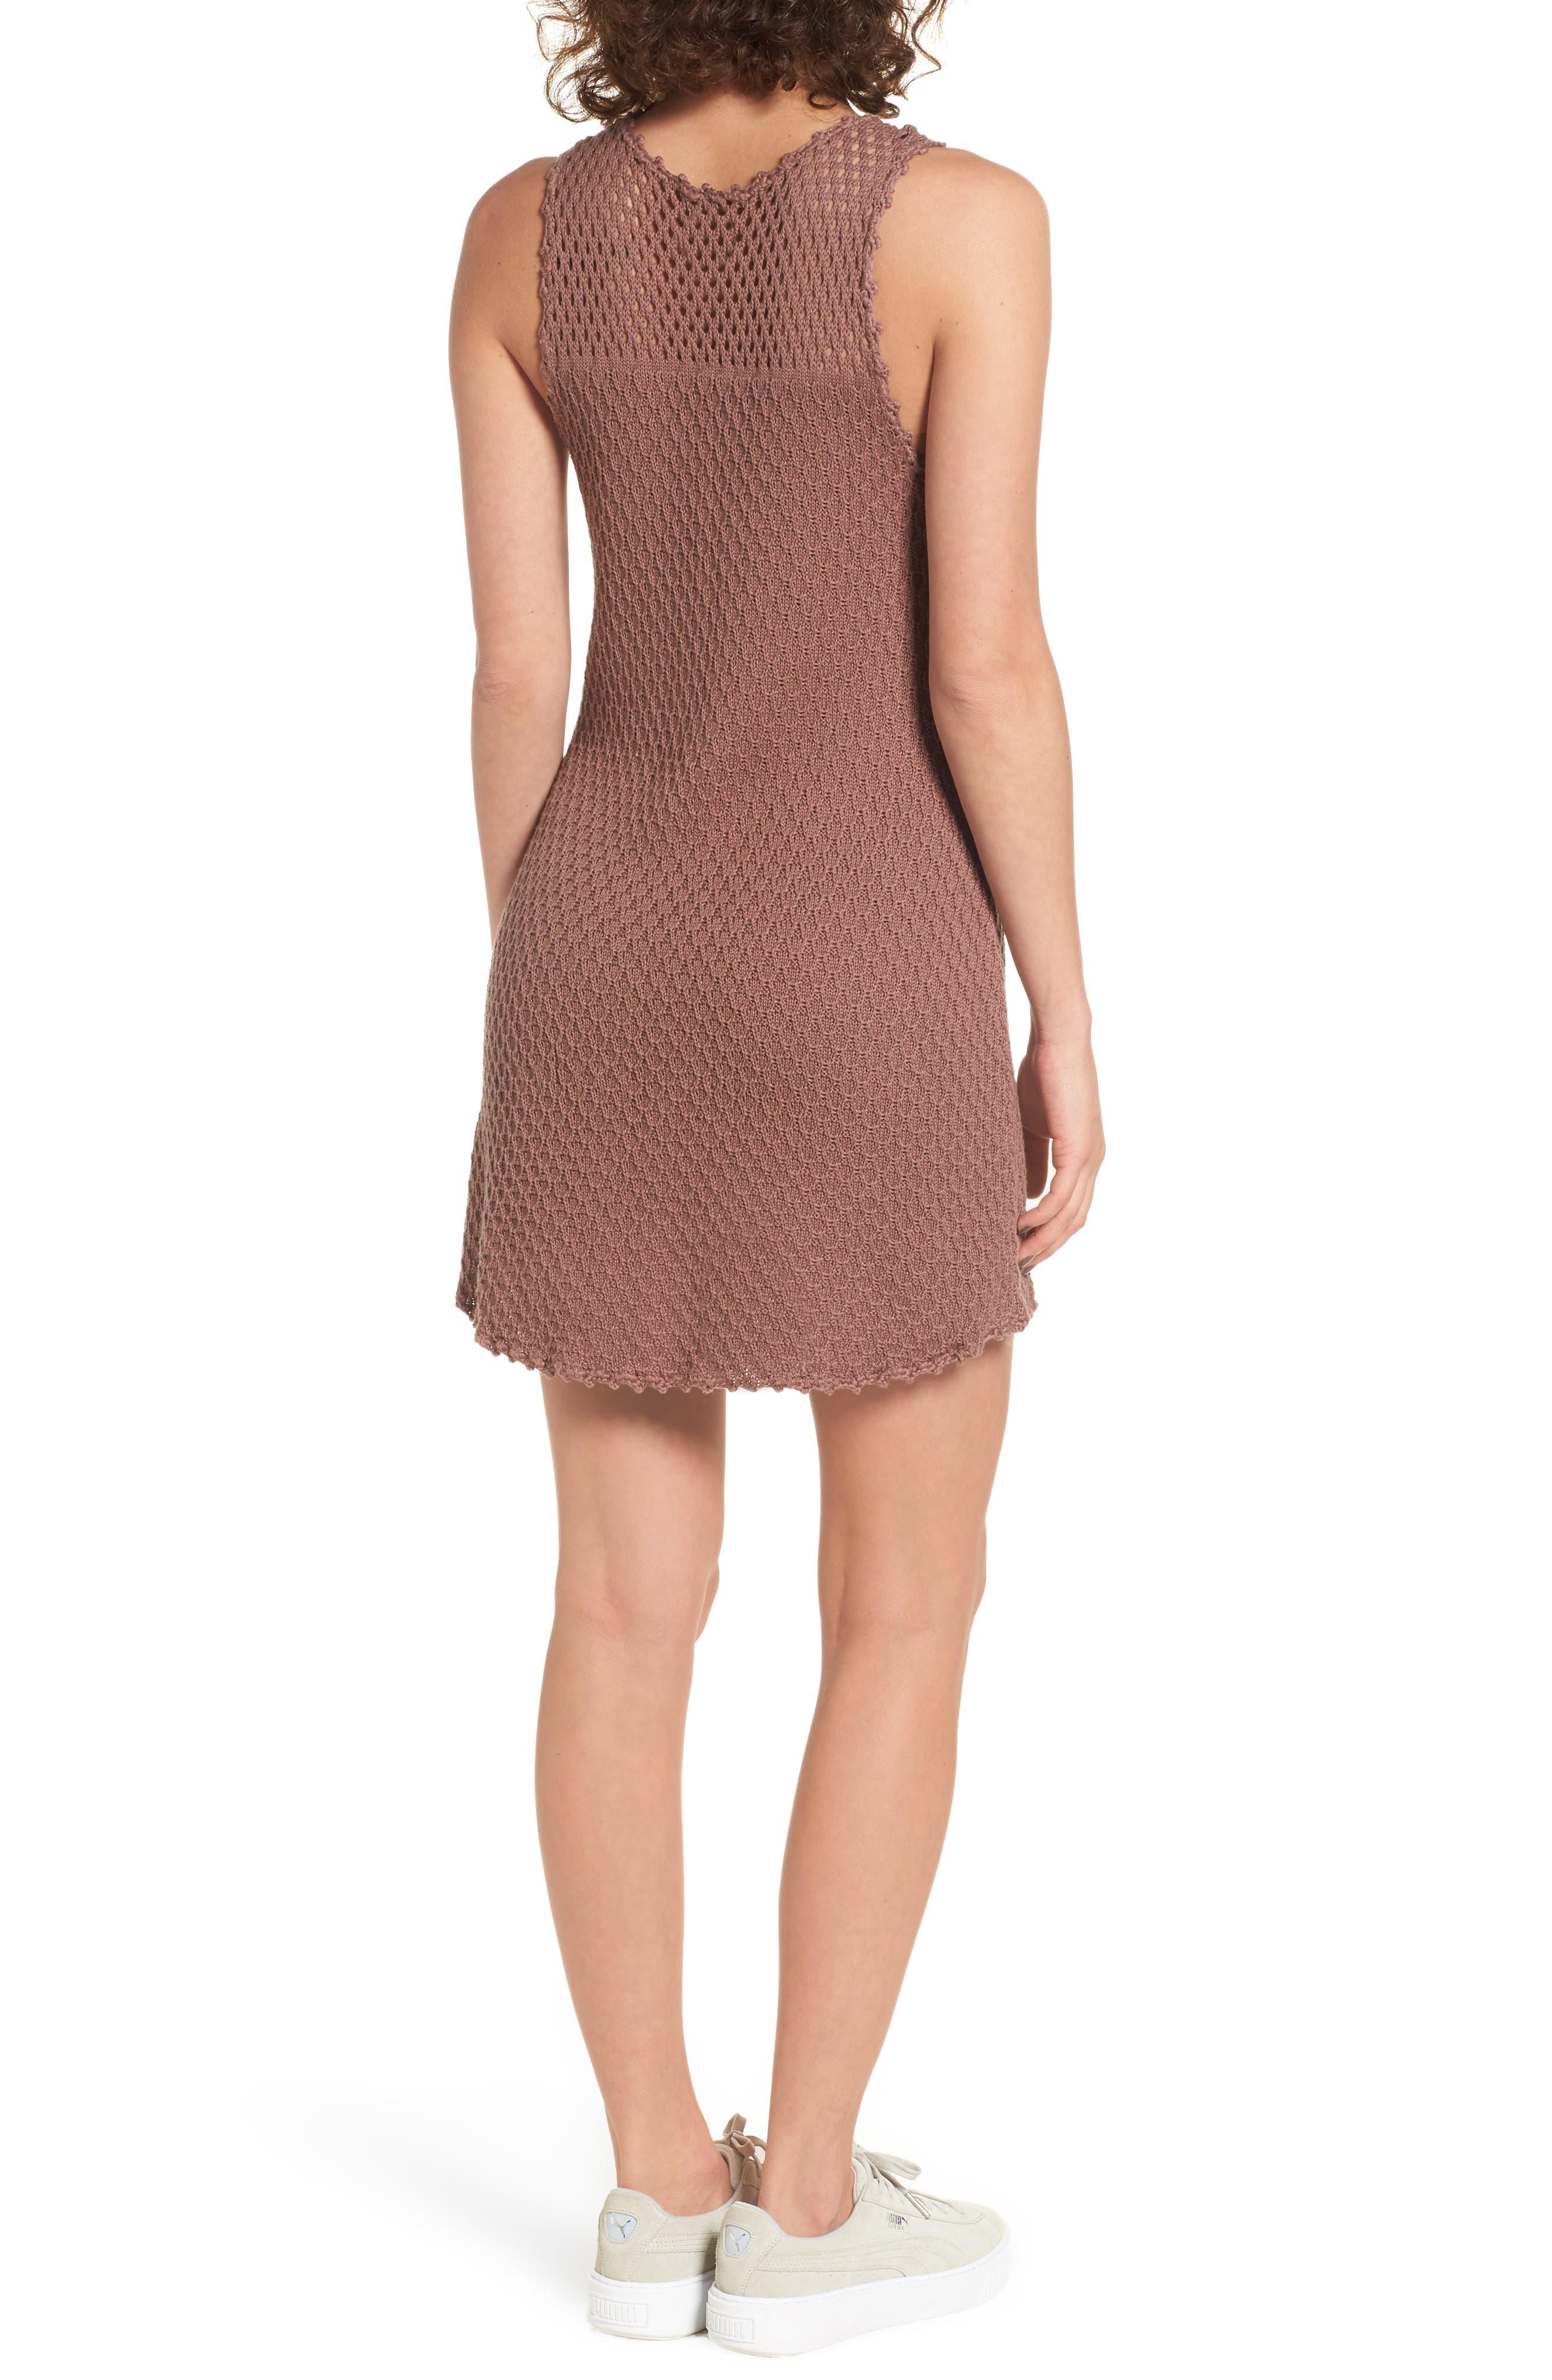 Juno Knit Dress,                             Alternate thumbnail 2, color,                             200